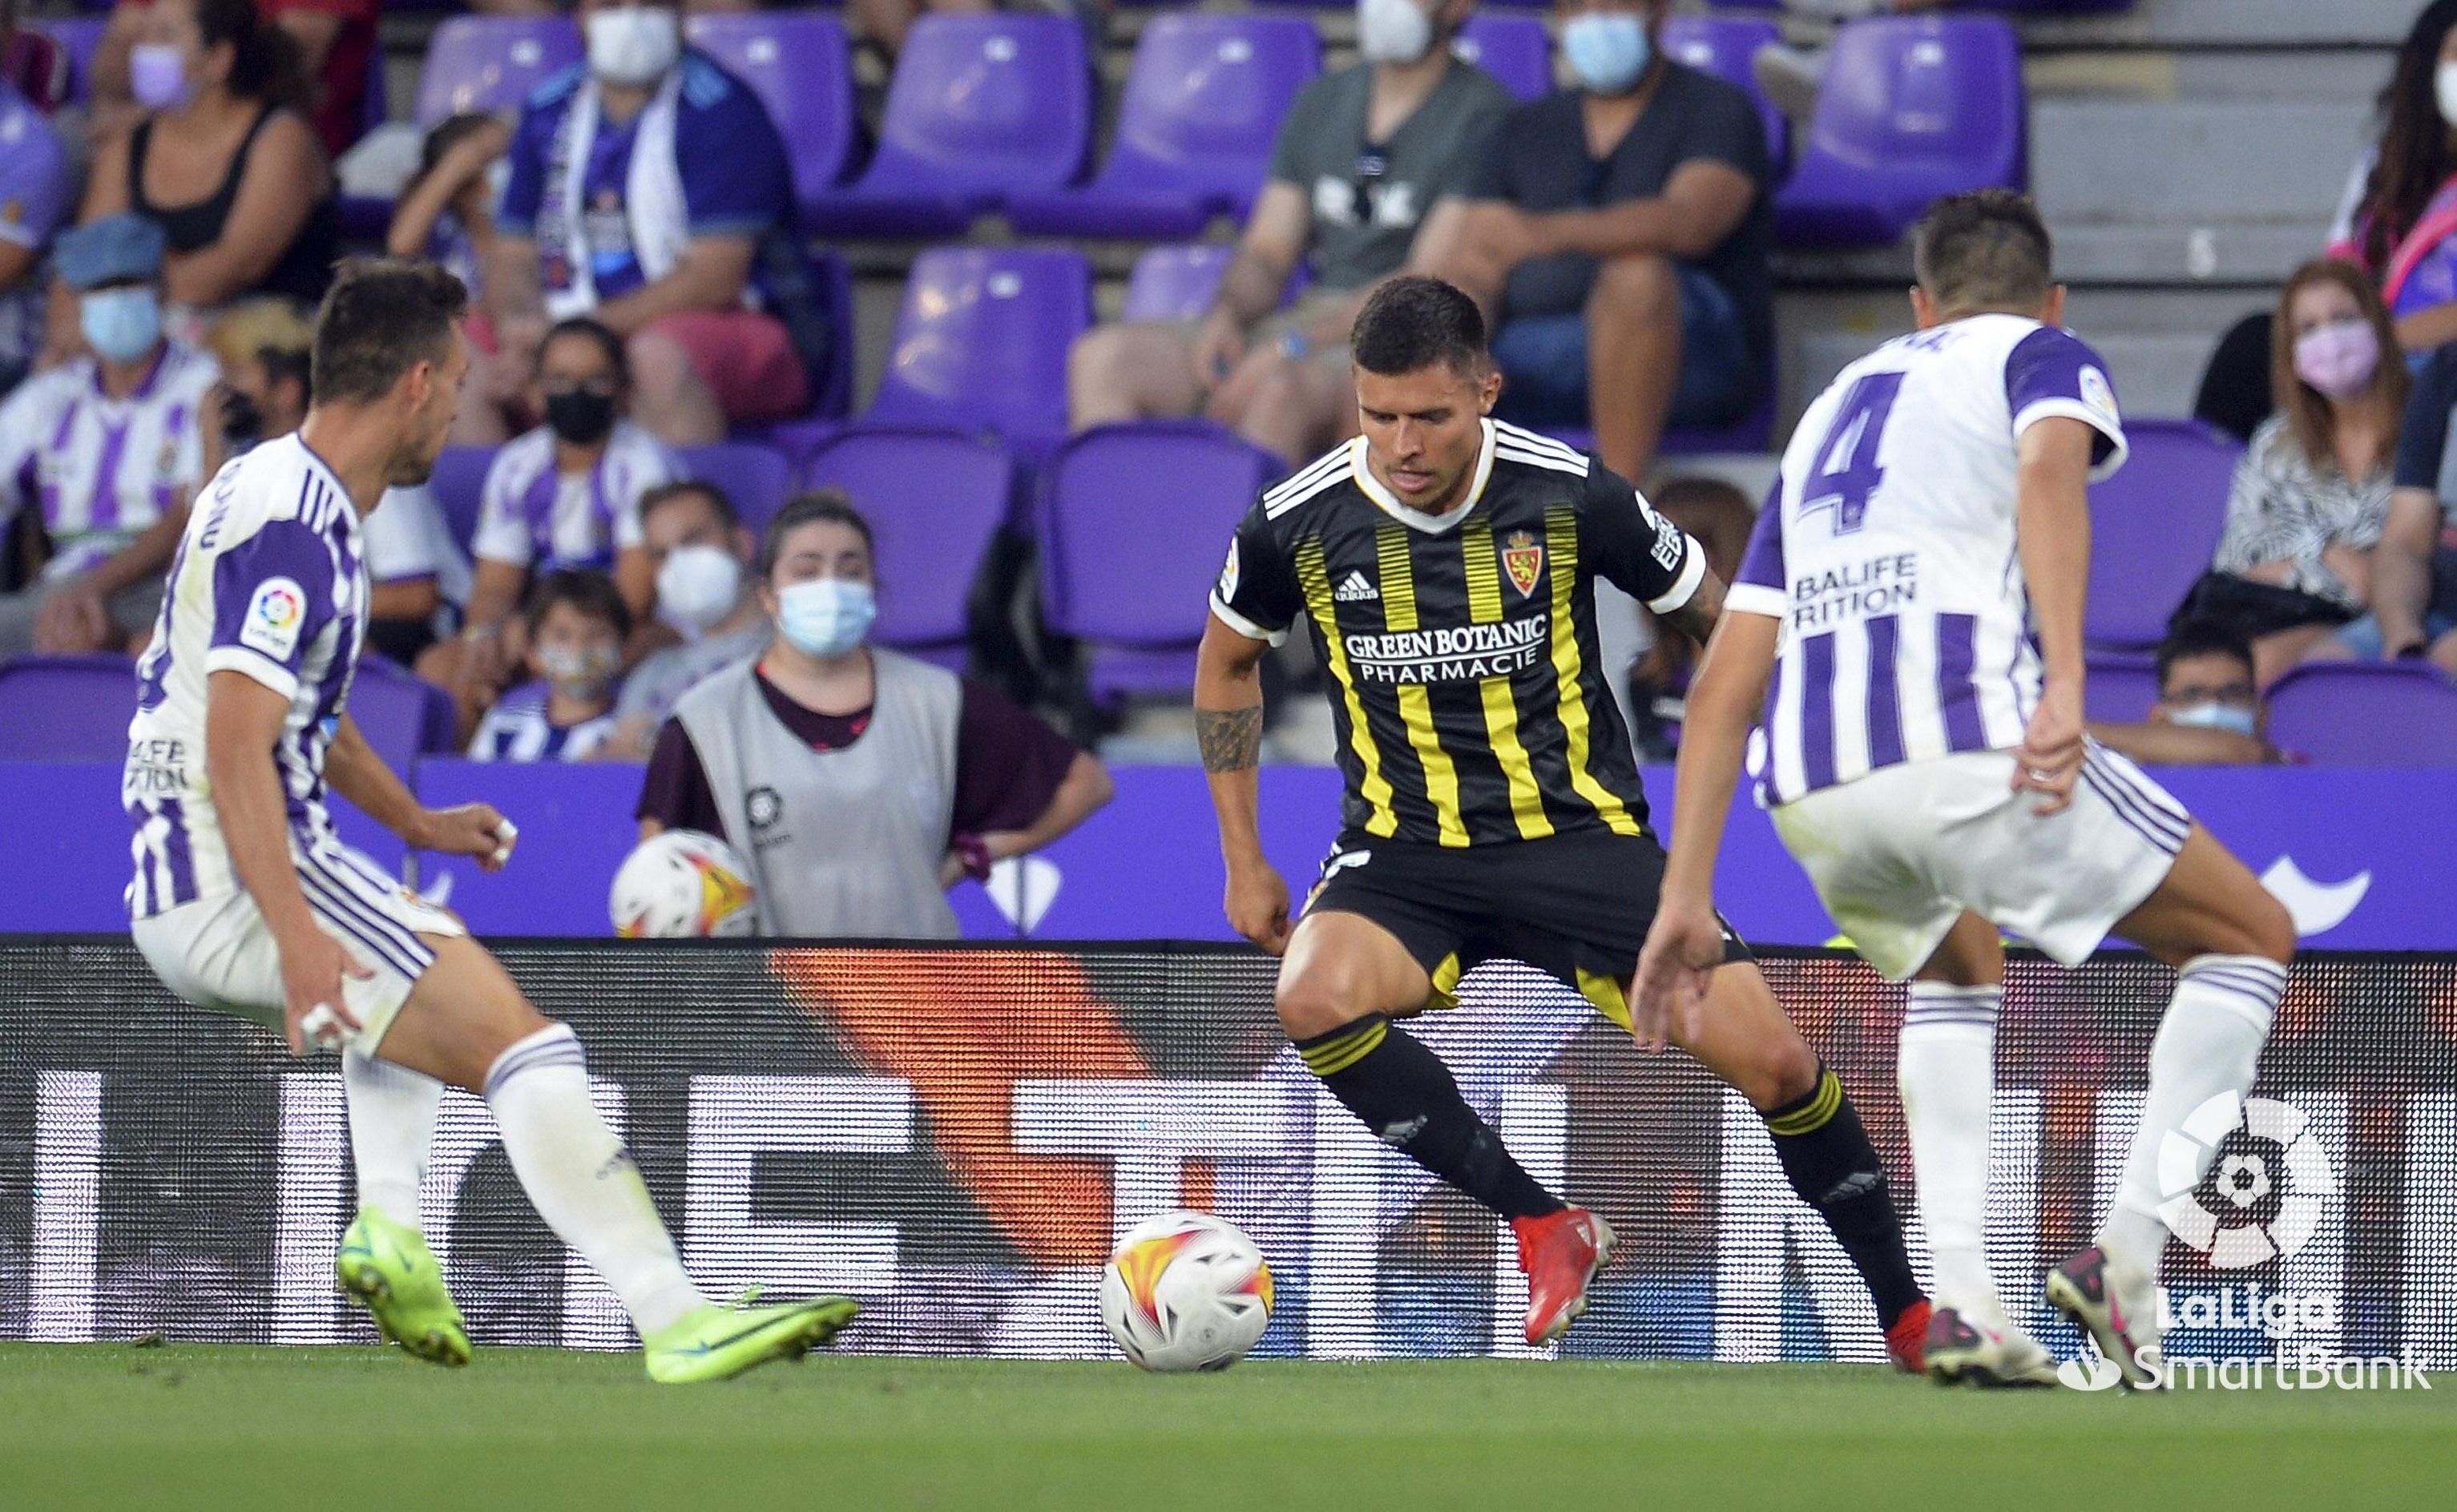 El Real Zaragoza perdona y acaba perdiendo en Pucela